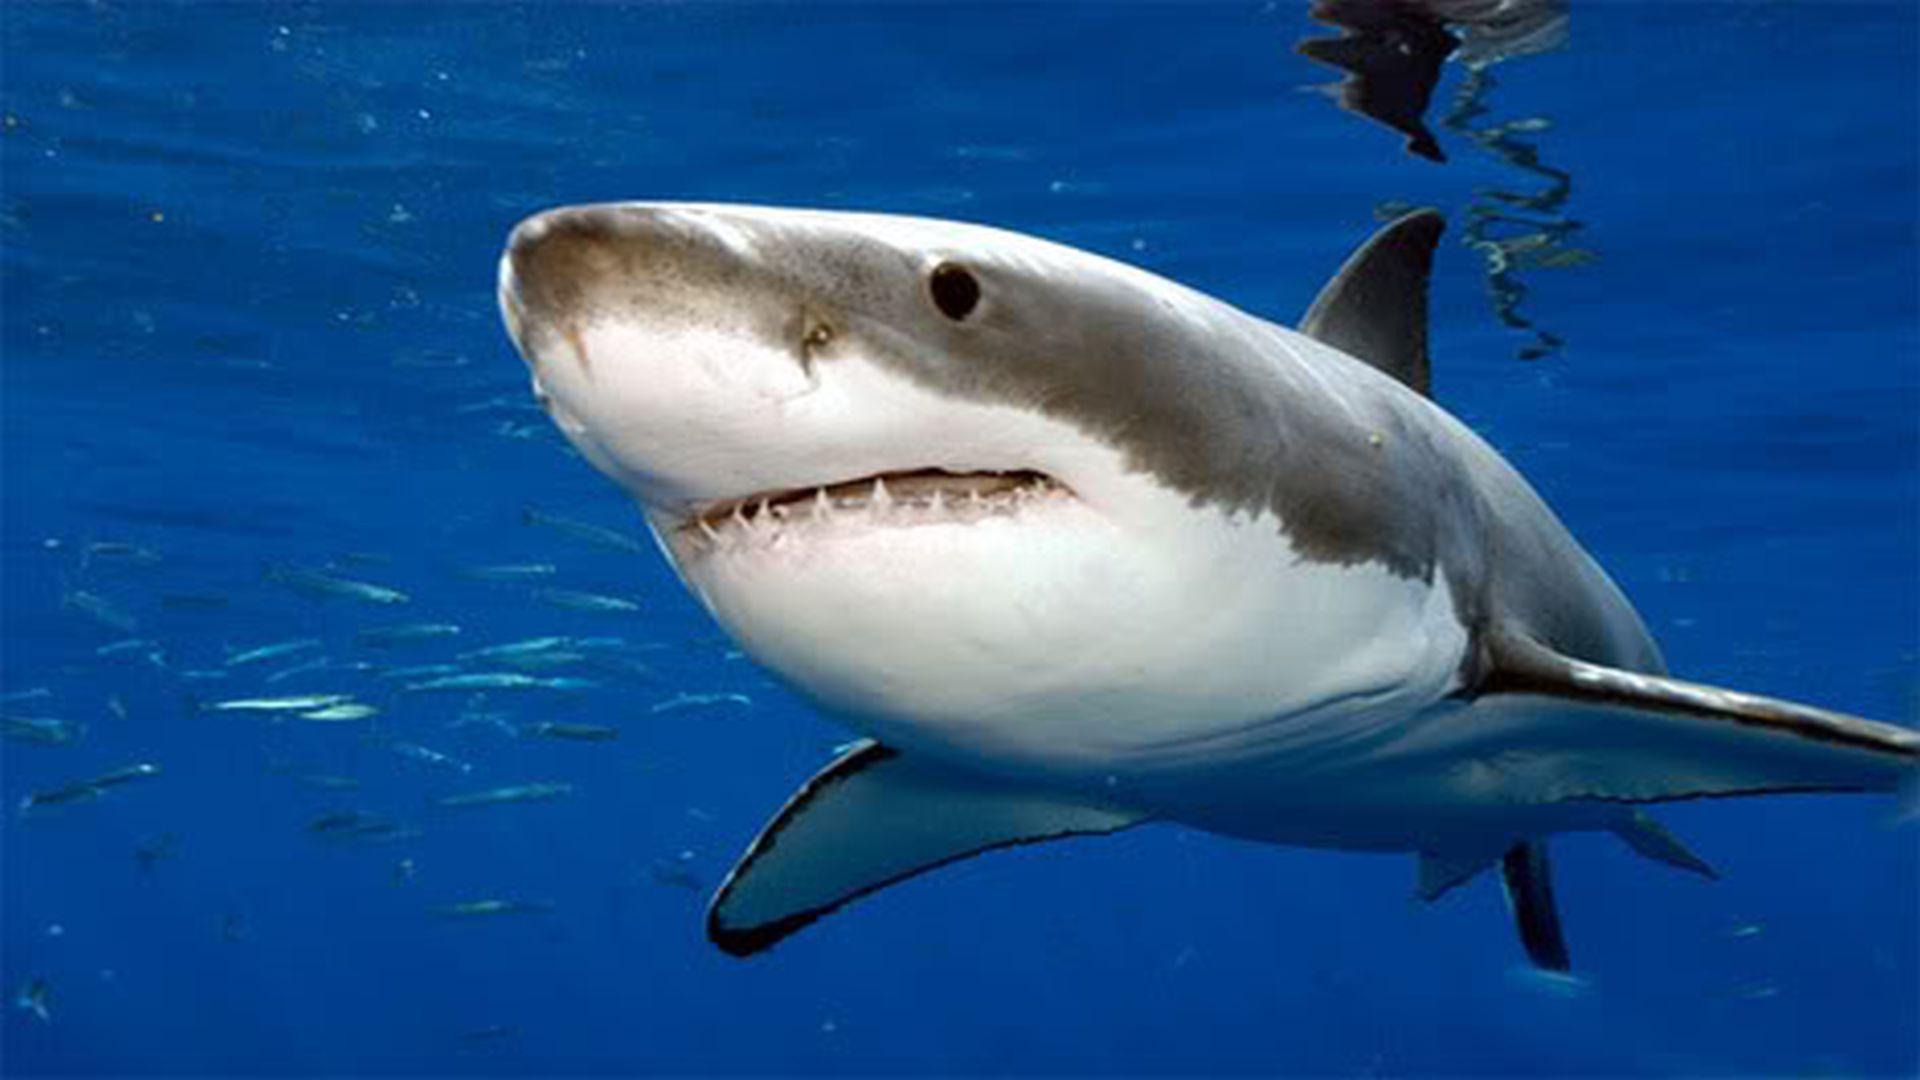 Shark clipart great white shark #10